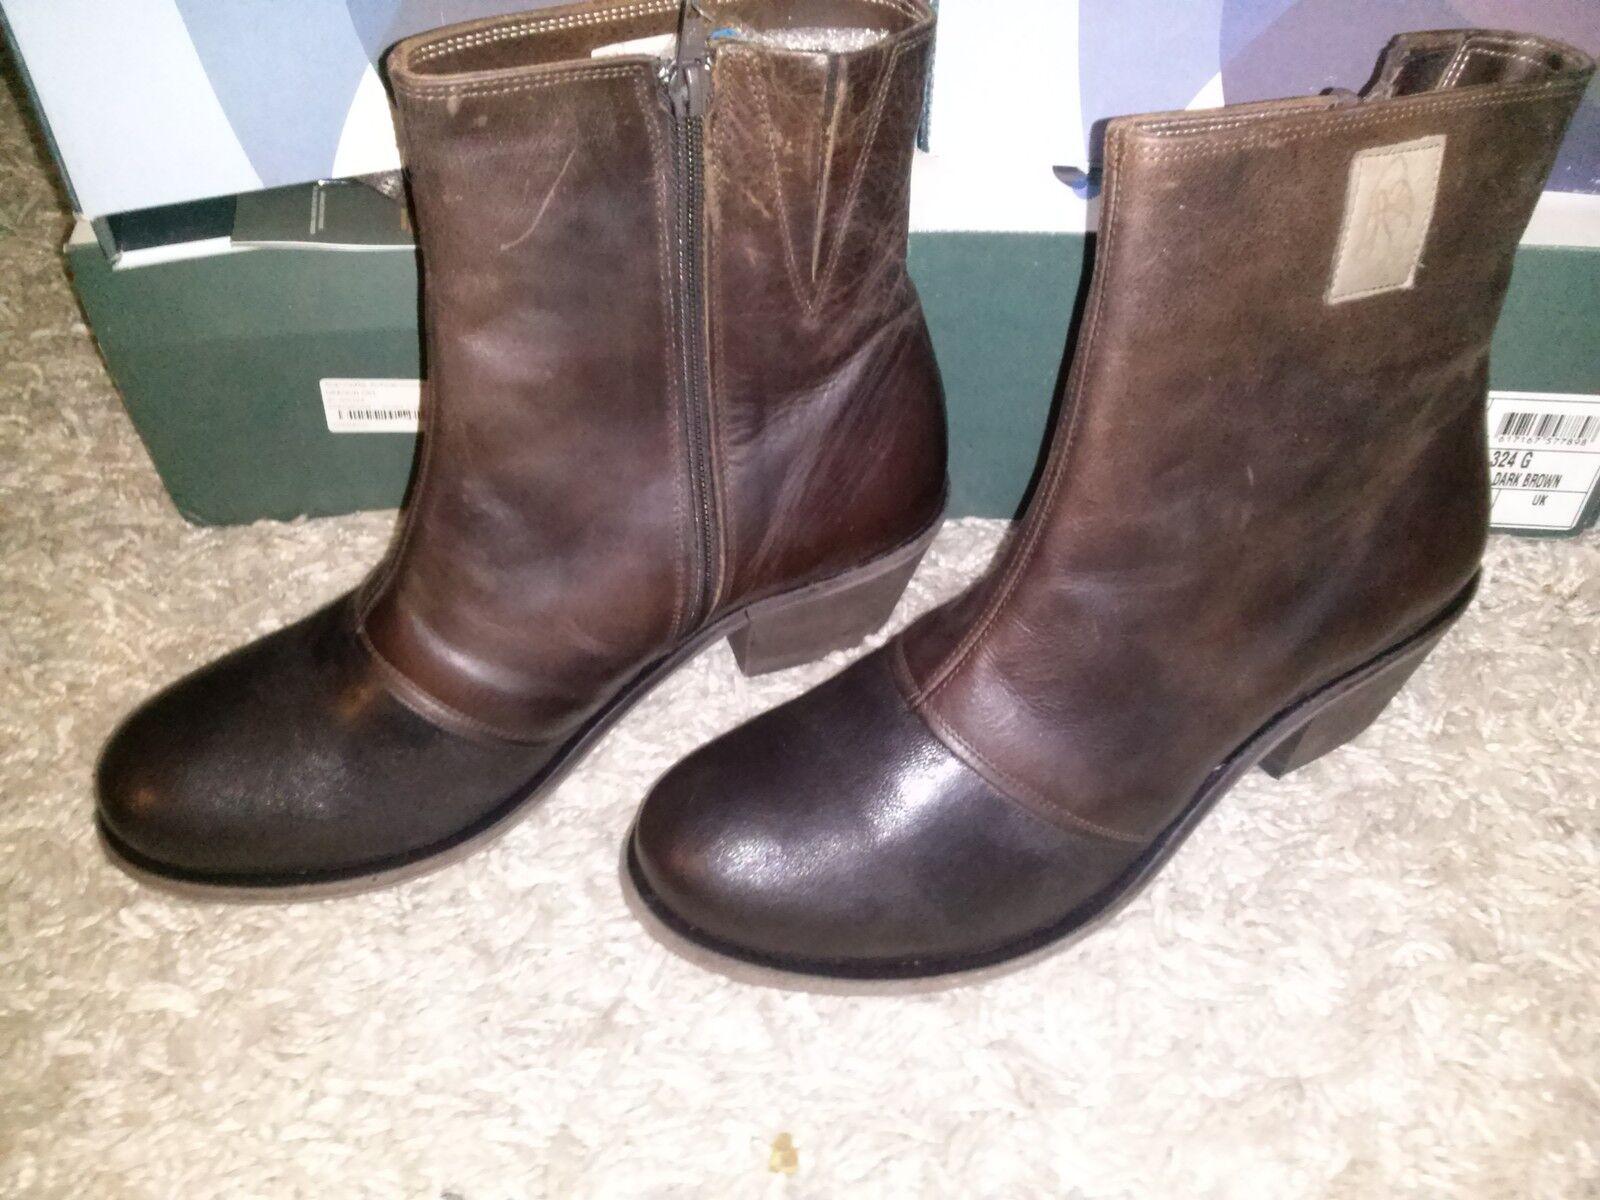 Señora botas cuero genuino de mywalker Oregon 001 marrón oscuro